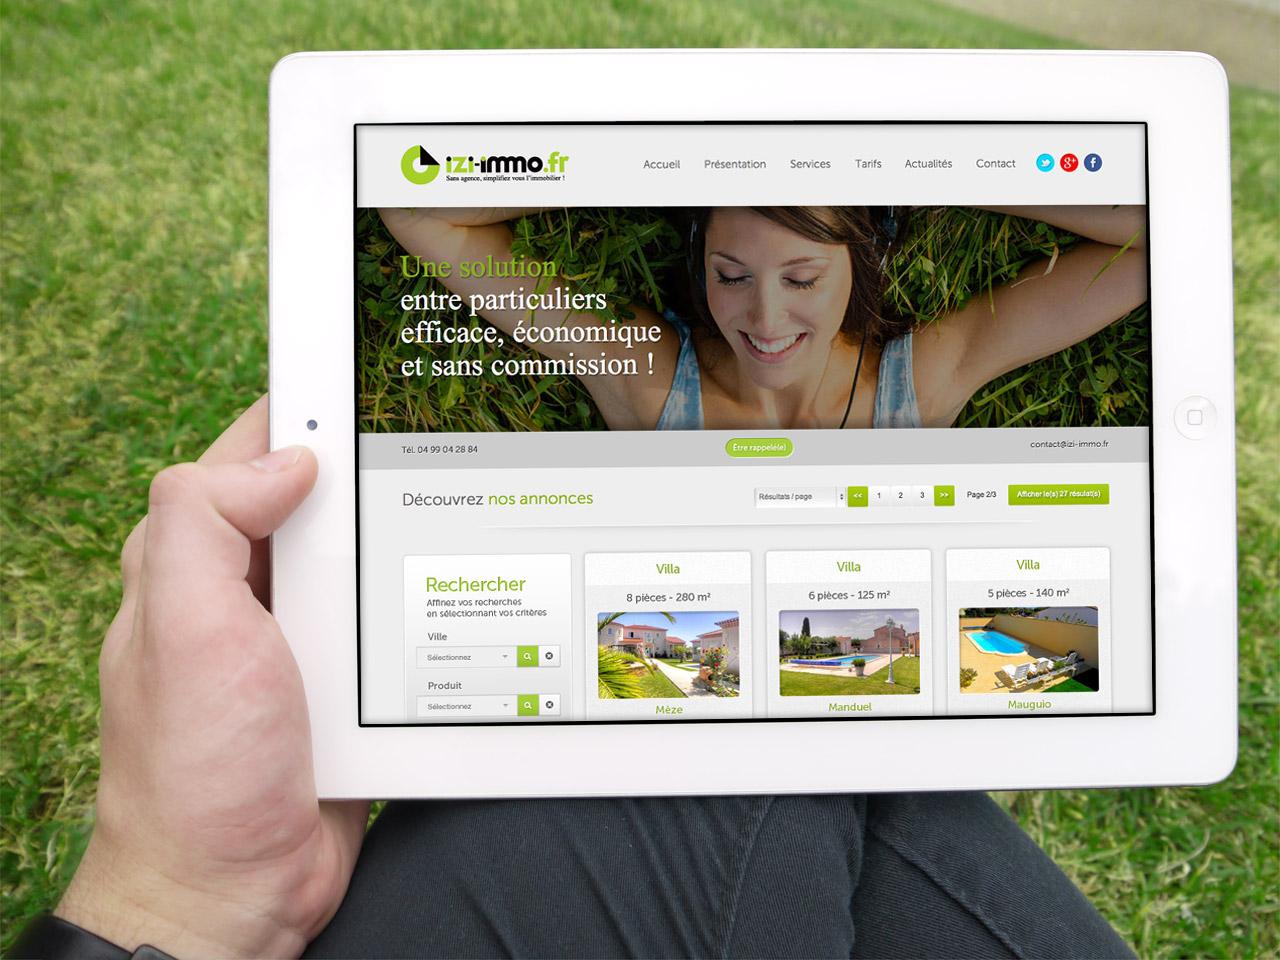 izi-immobilier-site-internet-tablette-creation-communication-caconcept-alexis-cretin-graphiste